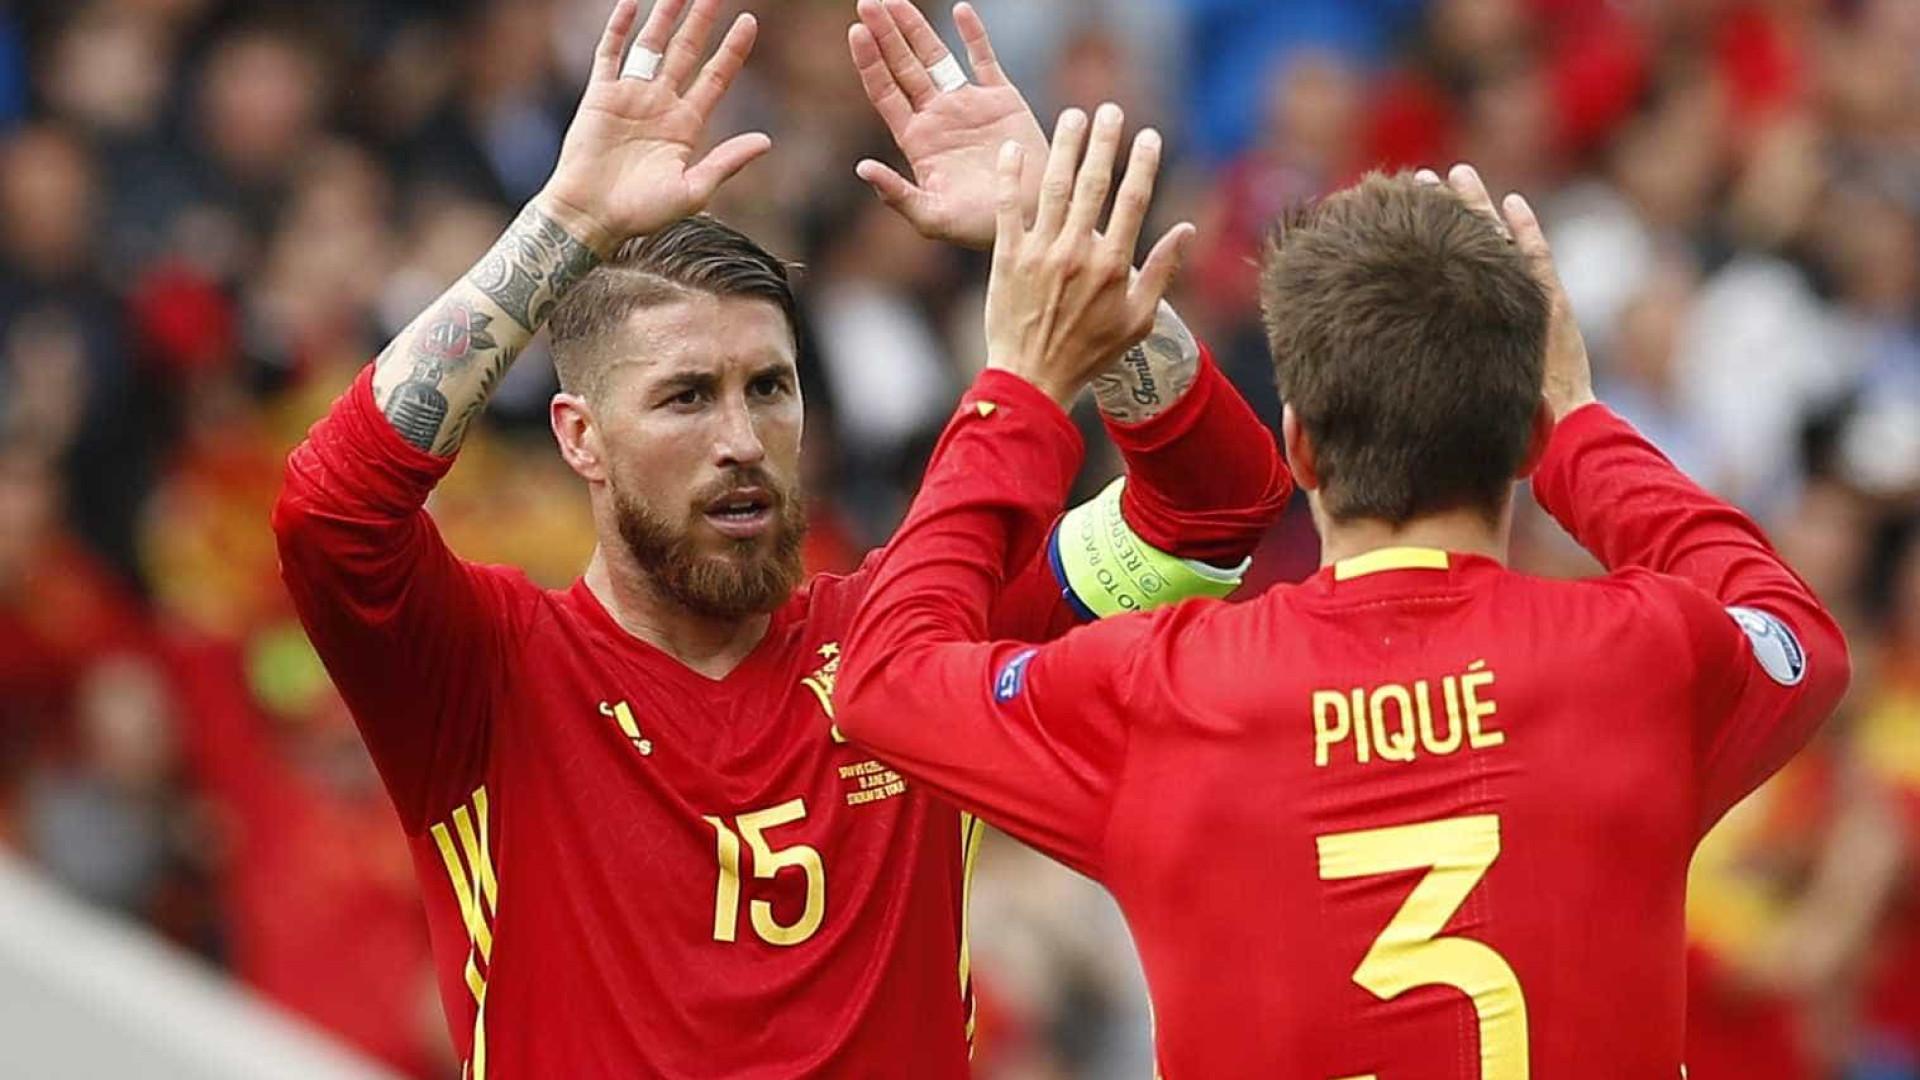 b26b5c19af Sergio Ramos pediu a adeptos para não assobiarem Piqué